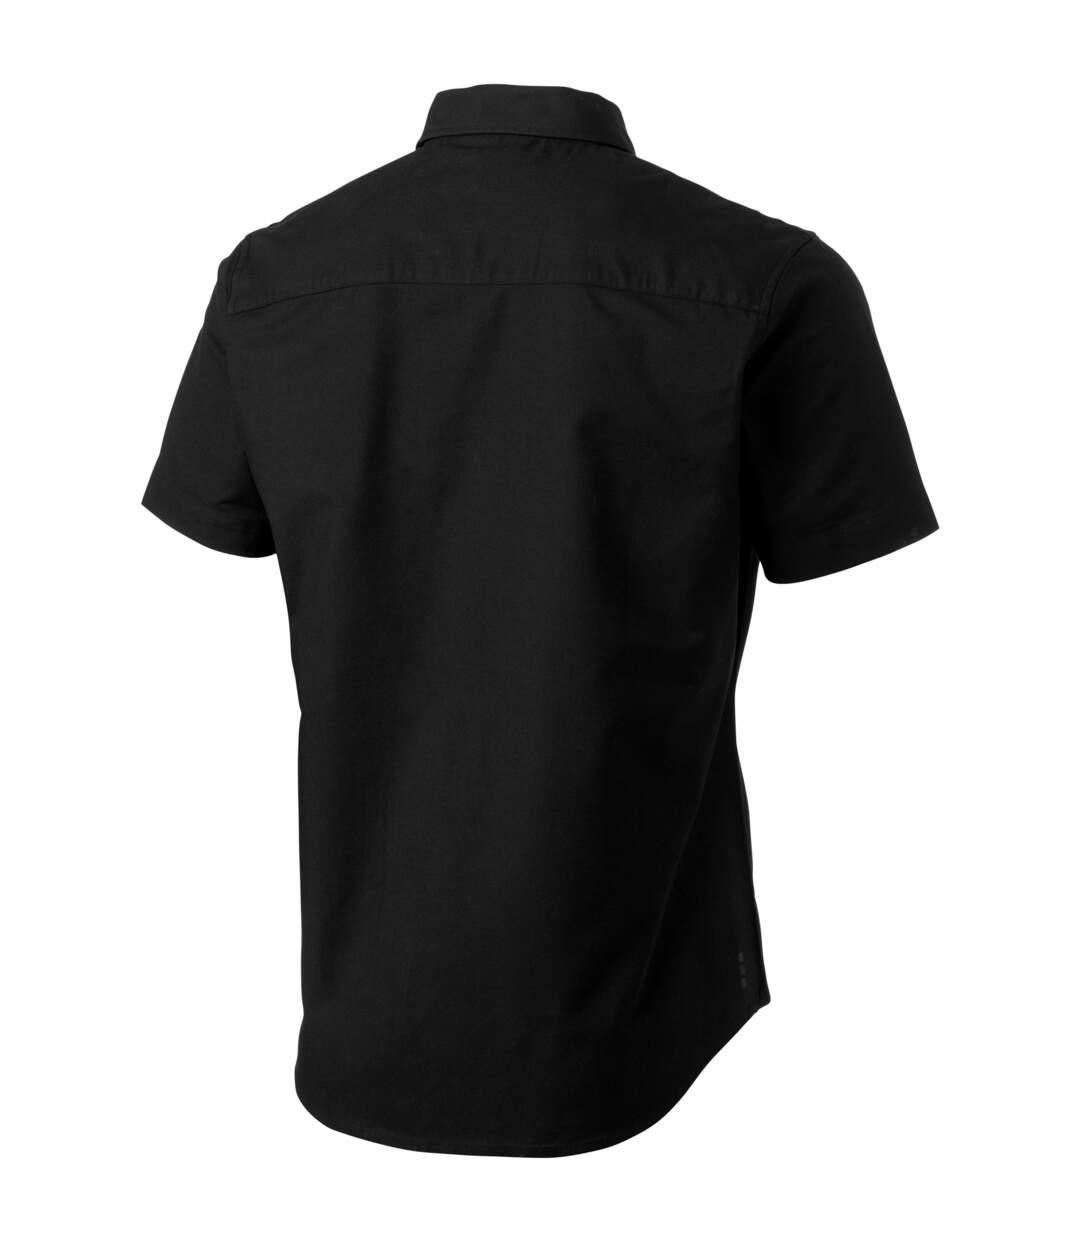 Elevate Manitoba Short Sleeve Shirt (Solid Black) - UTPF1833